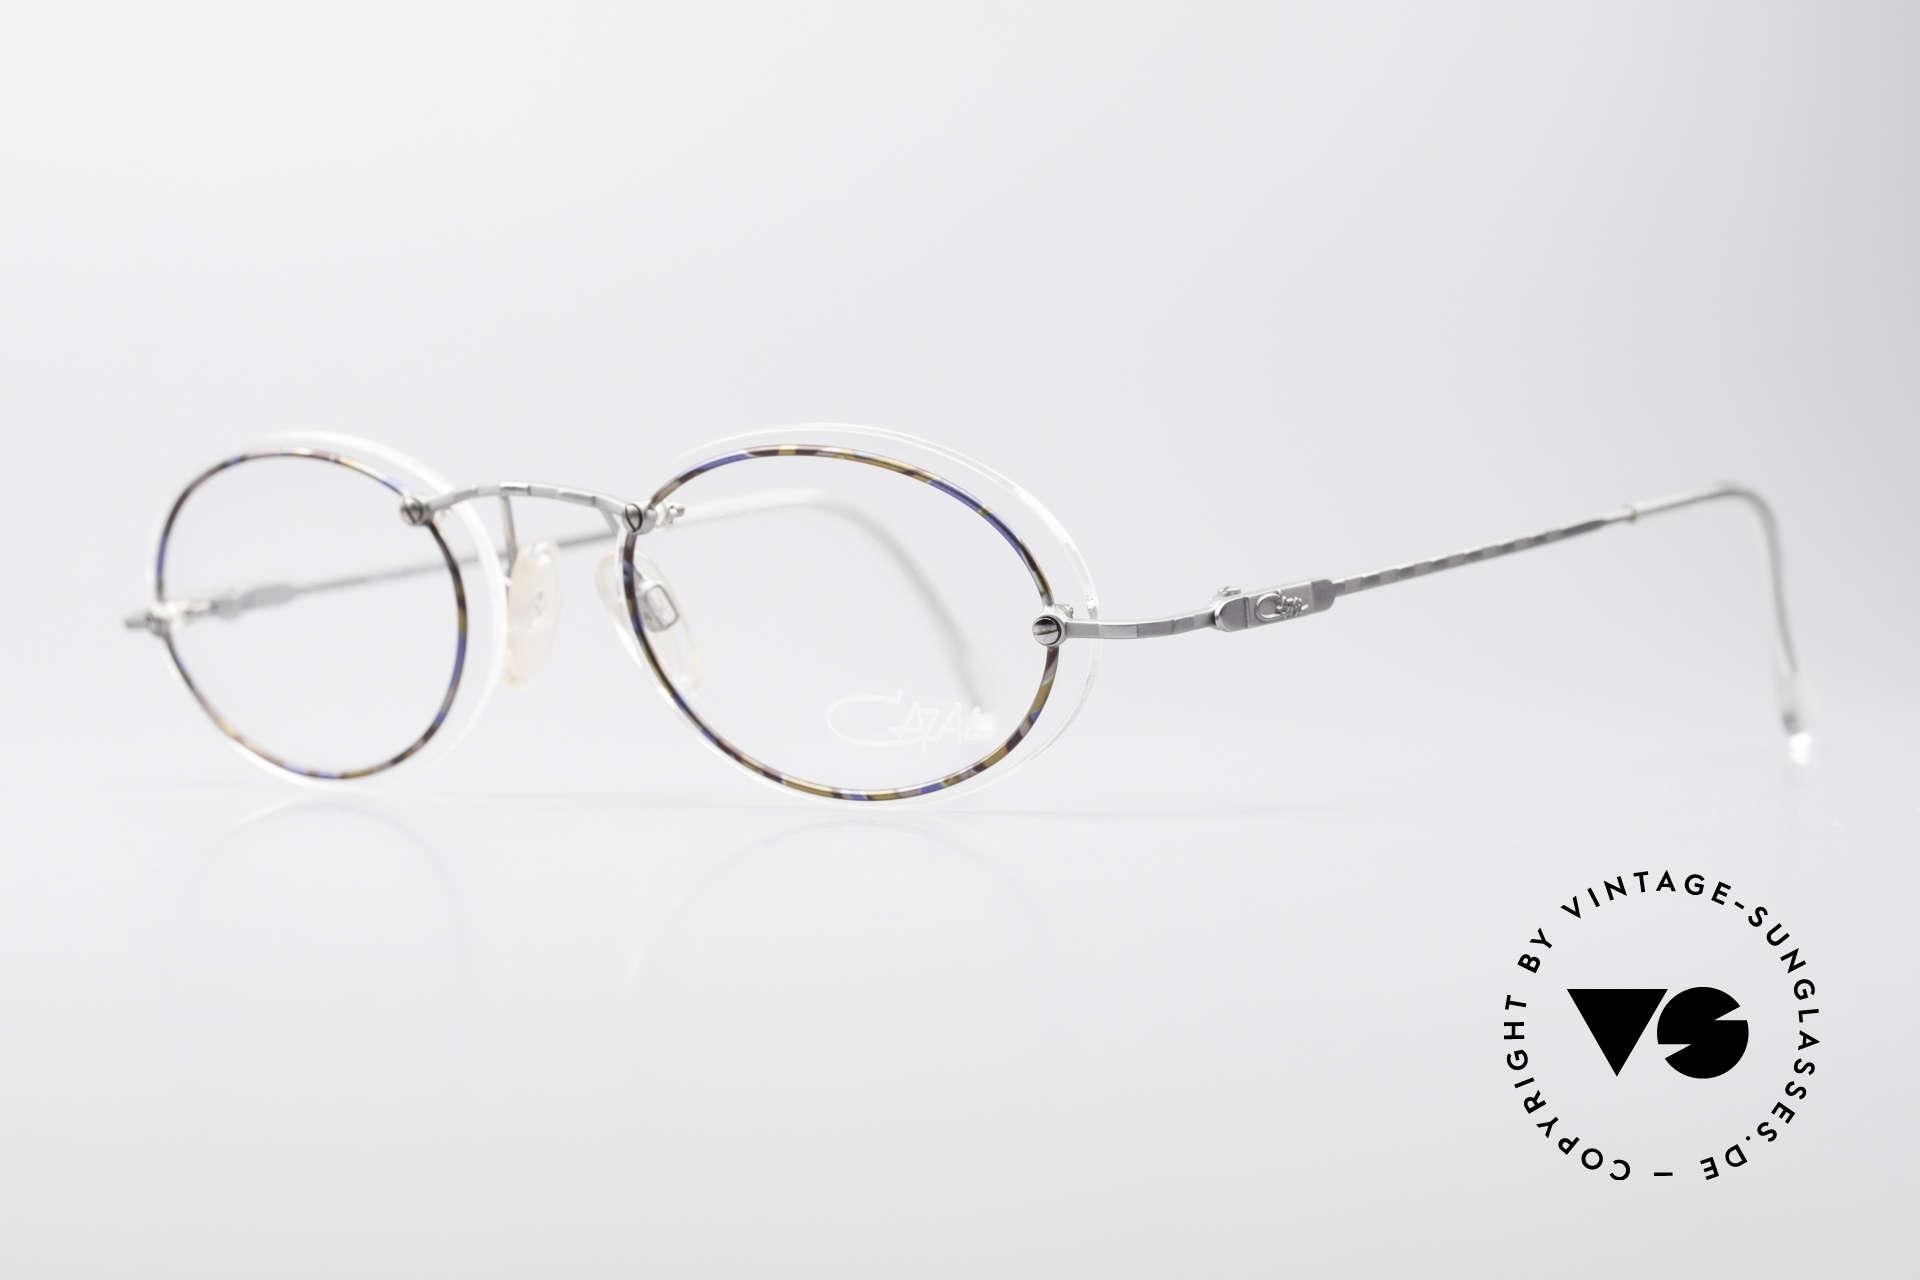 Cazal 770 Ovale Vintagebrille No Retro, auf den 1. Blick minimalistisch; jedoch sehr raffiniert, Passend für Herren und Damen